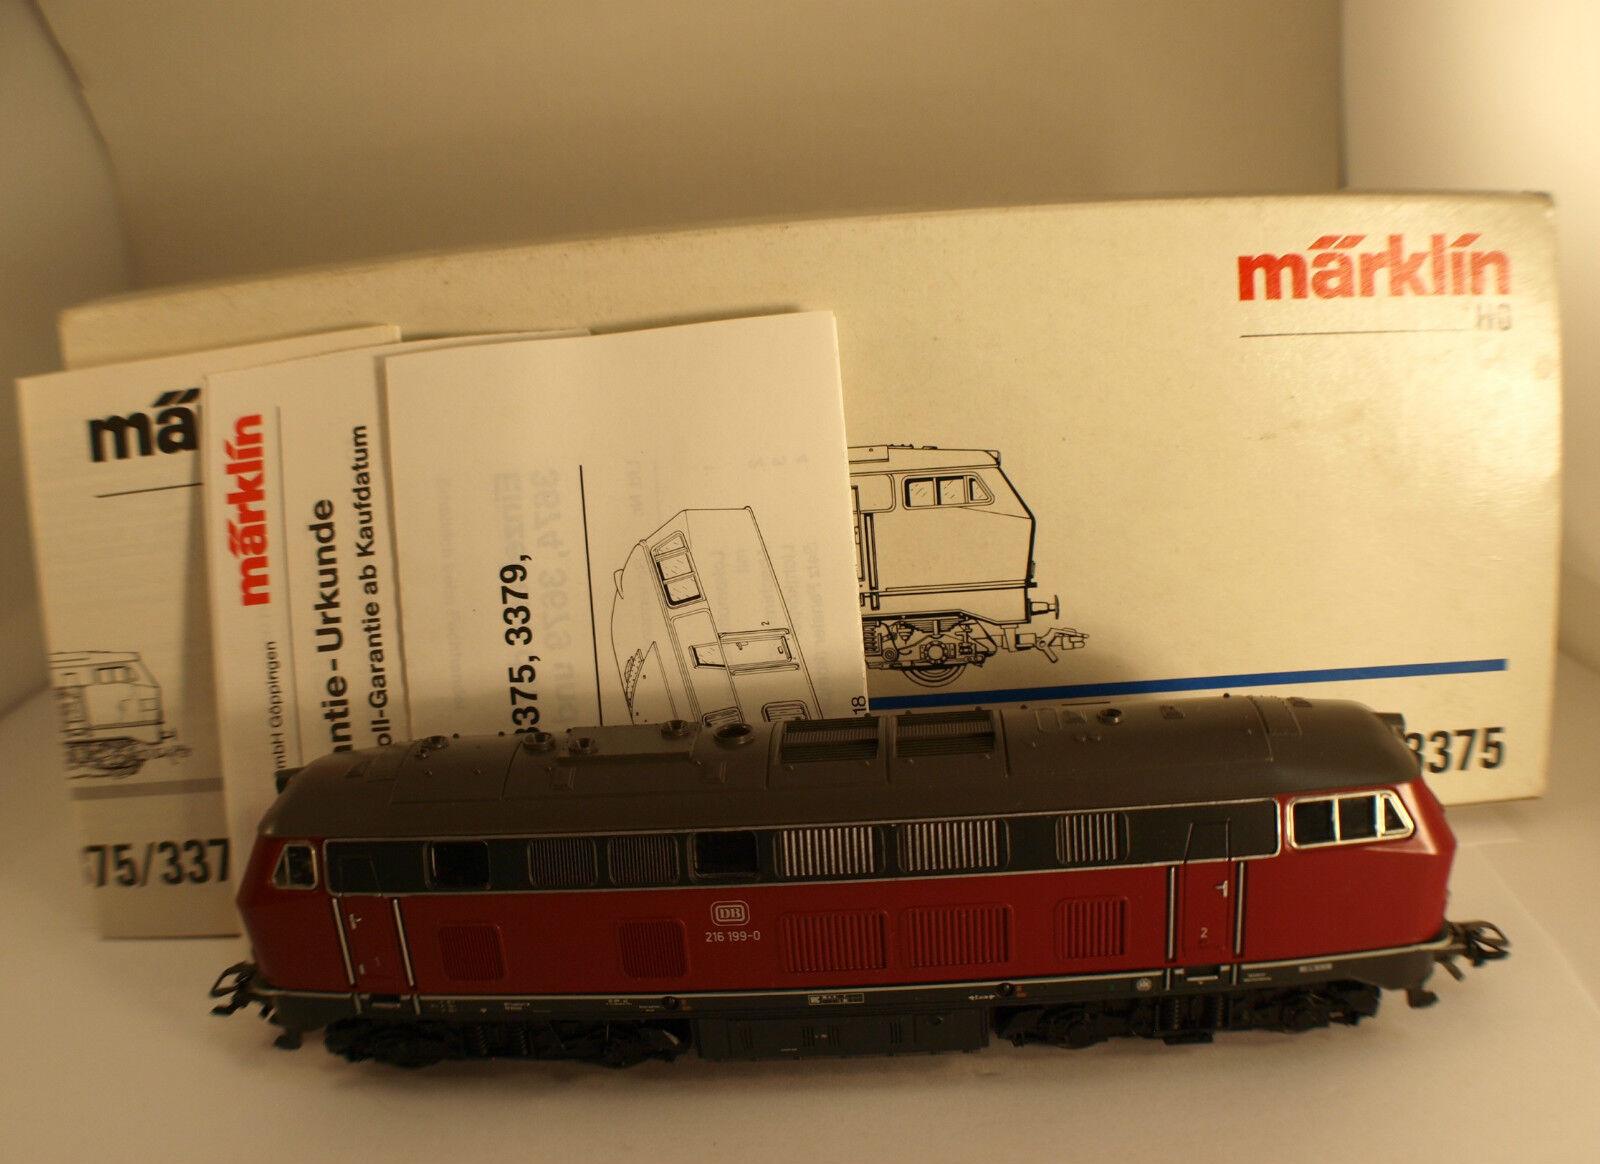 Märklin 3375 diesel engine 216 199-0 db new in box nmib